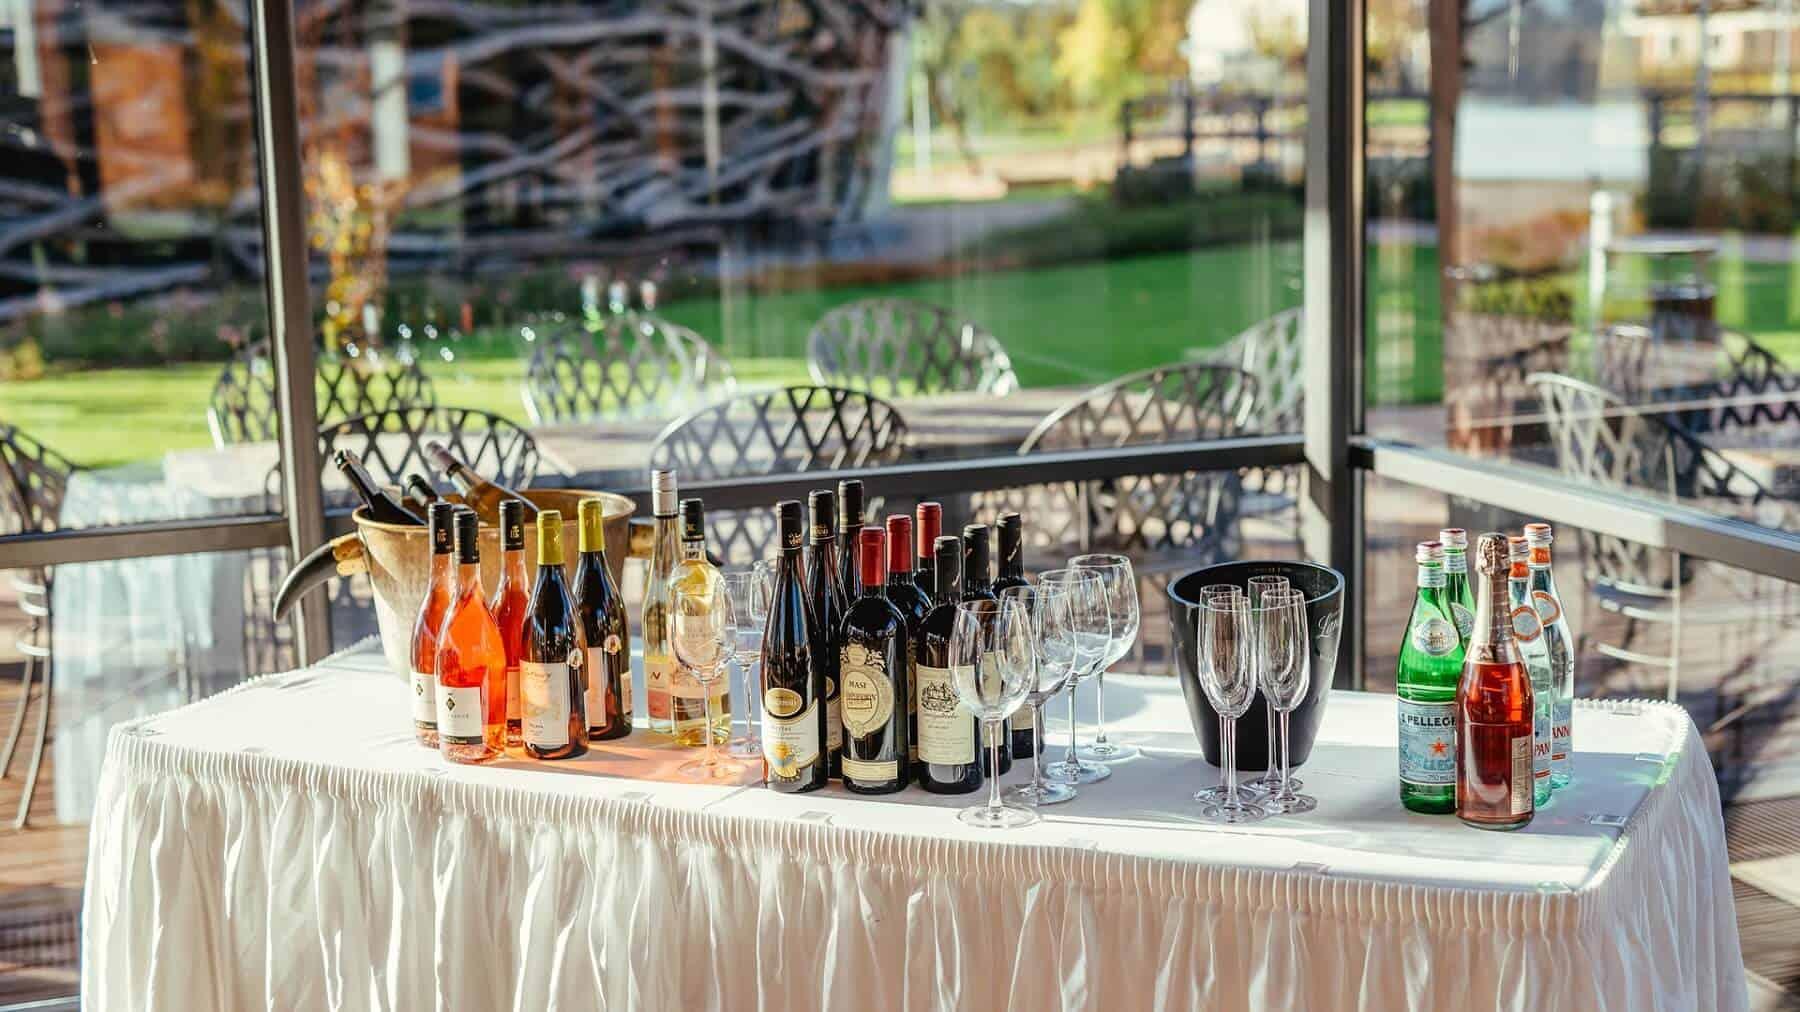 Čapí hnízdo - stůl s vínem